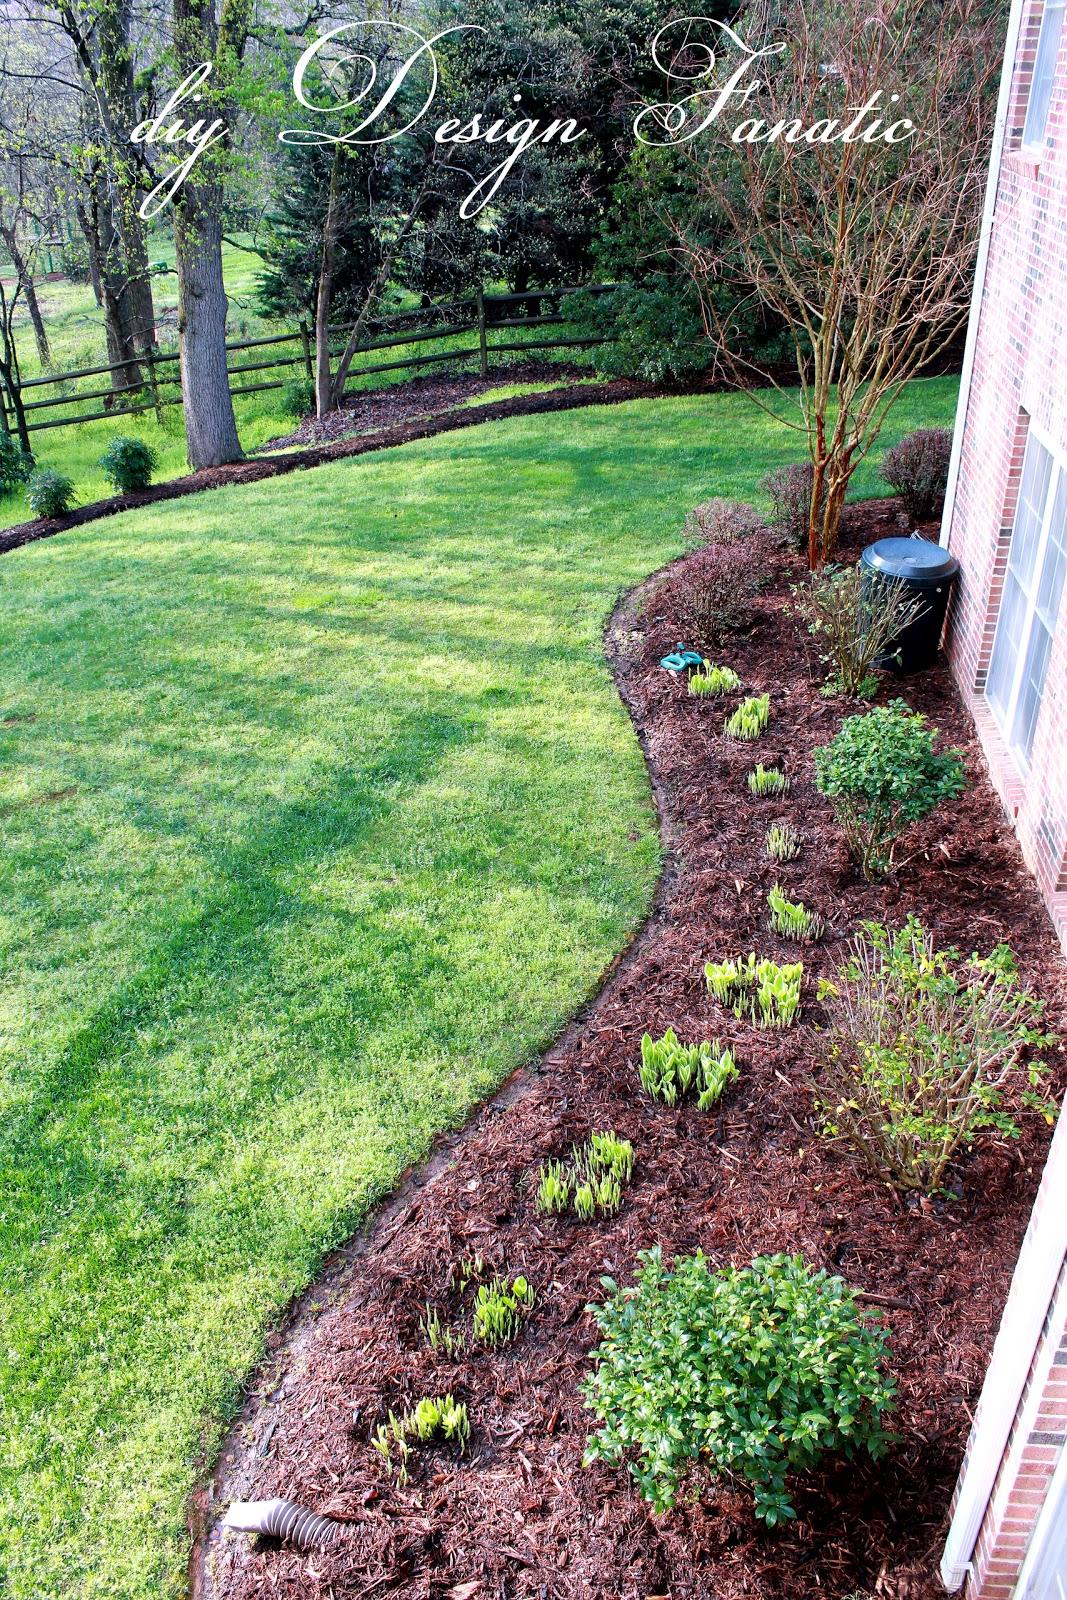 Landscaping Supply Near Me - Landscape Ideas on Backyard Landscape Designers Near Me id=79759